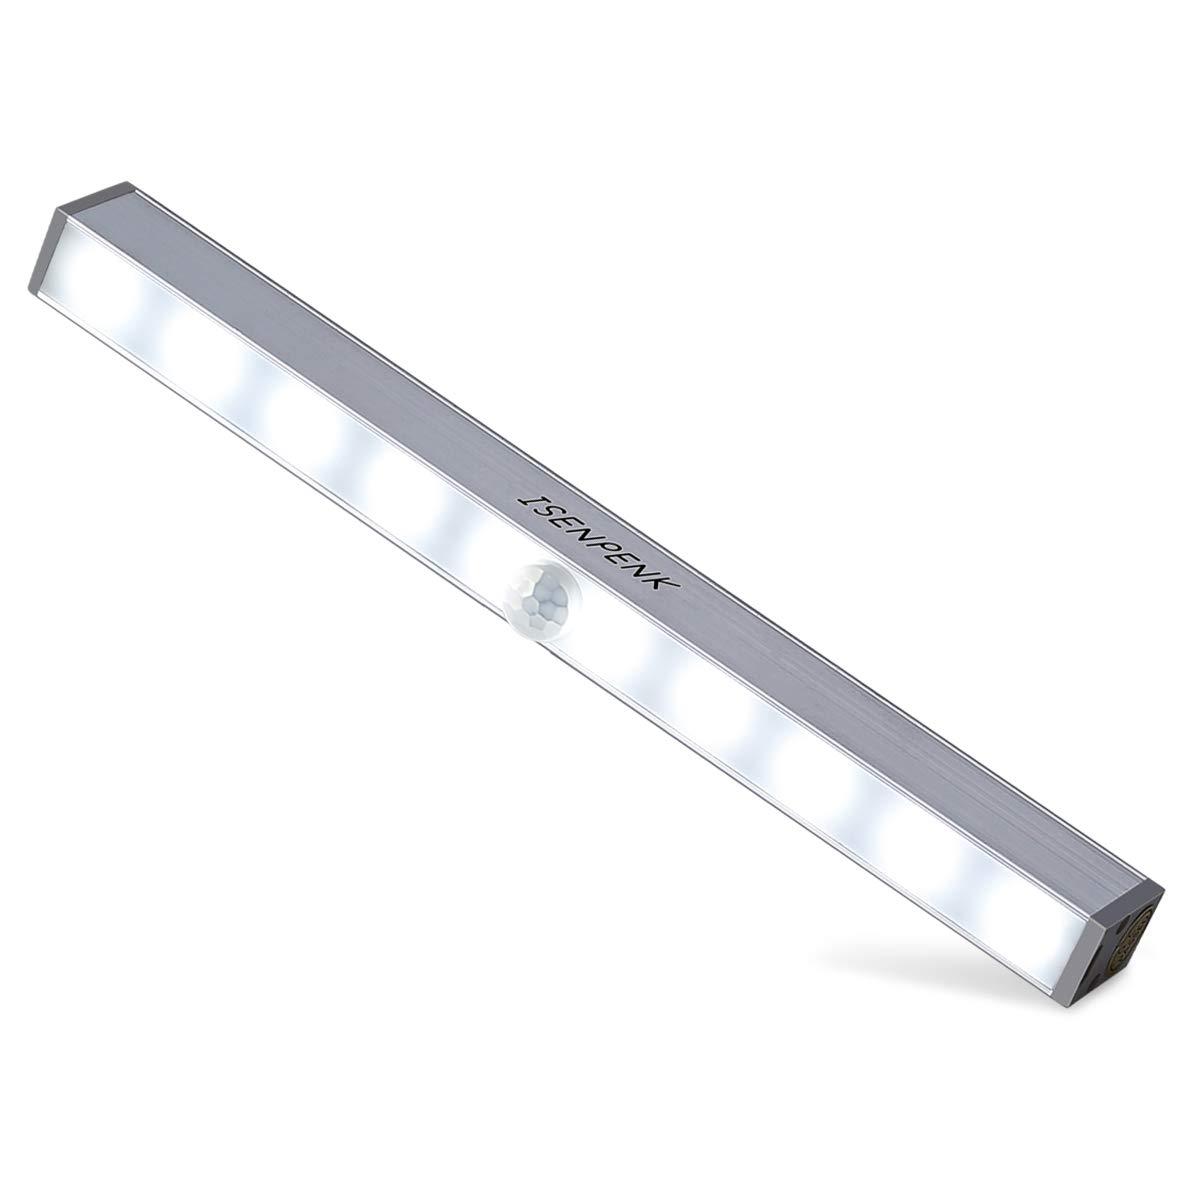 Install/é pour Armoire Closet Tiroir Coulissant Salle de Bain ISENPENK USB Rechargeable 10 LED Lumi/ère Armoire sans Fil Lampe de Placard avec 1 Bande Magn/étique Lampe D/étecteur de Mouvement PIR